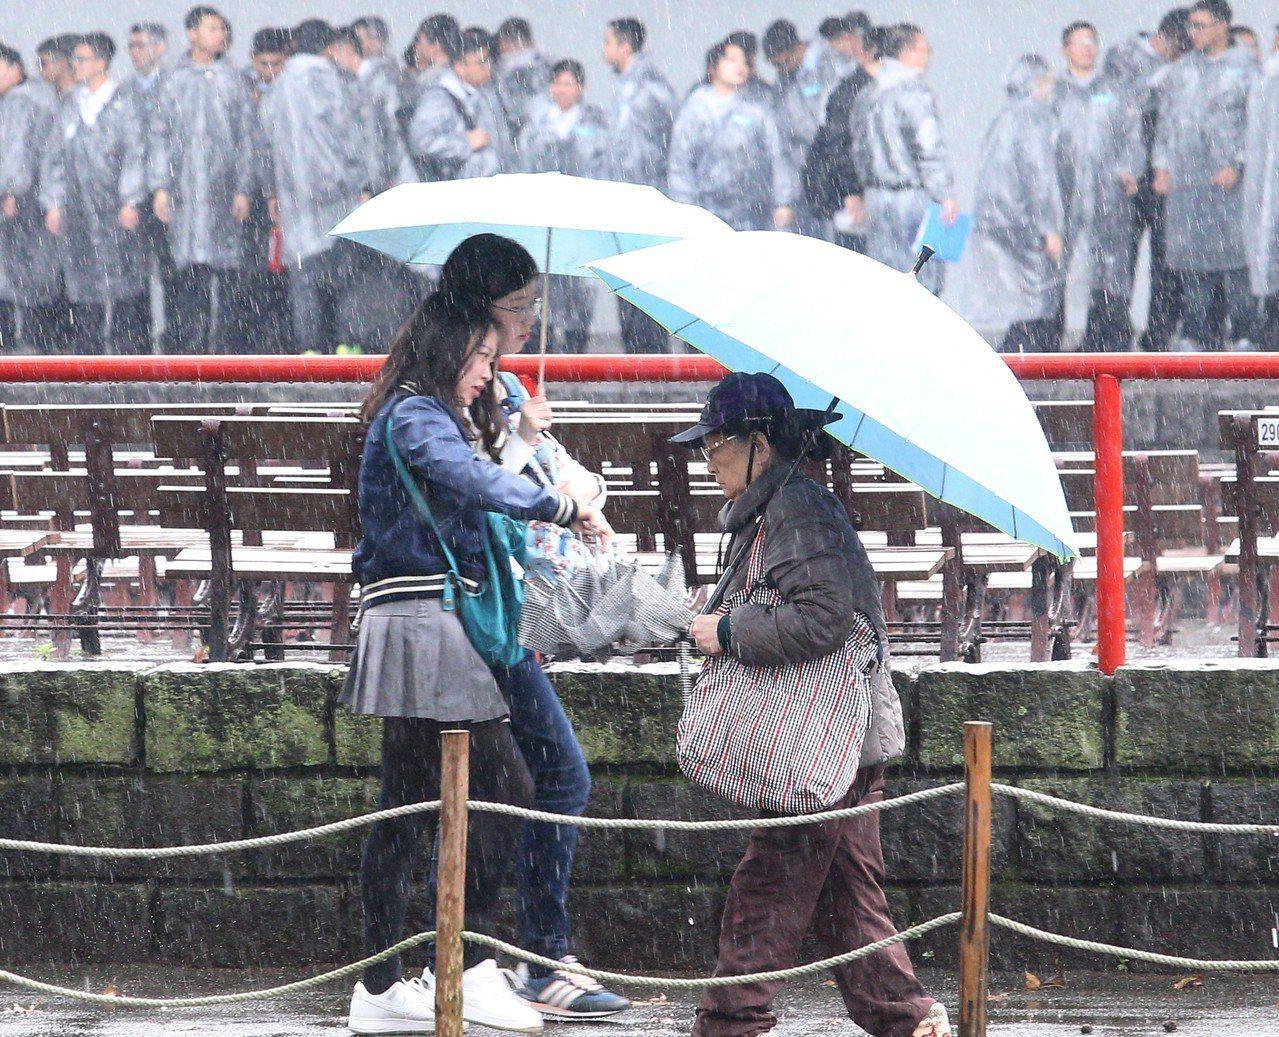 預計明天下午受到鋒面雲系南下影響,全台灣都將轉成有雨的天氣,要留意有局部較大雨勢...